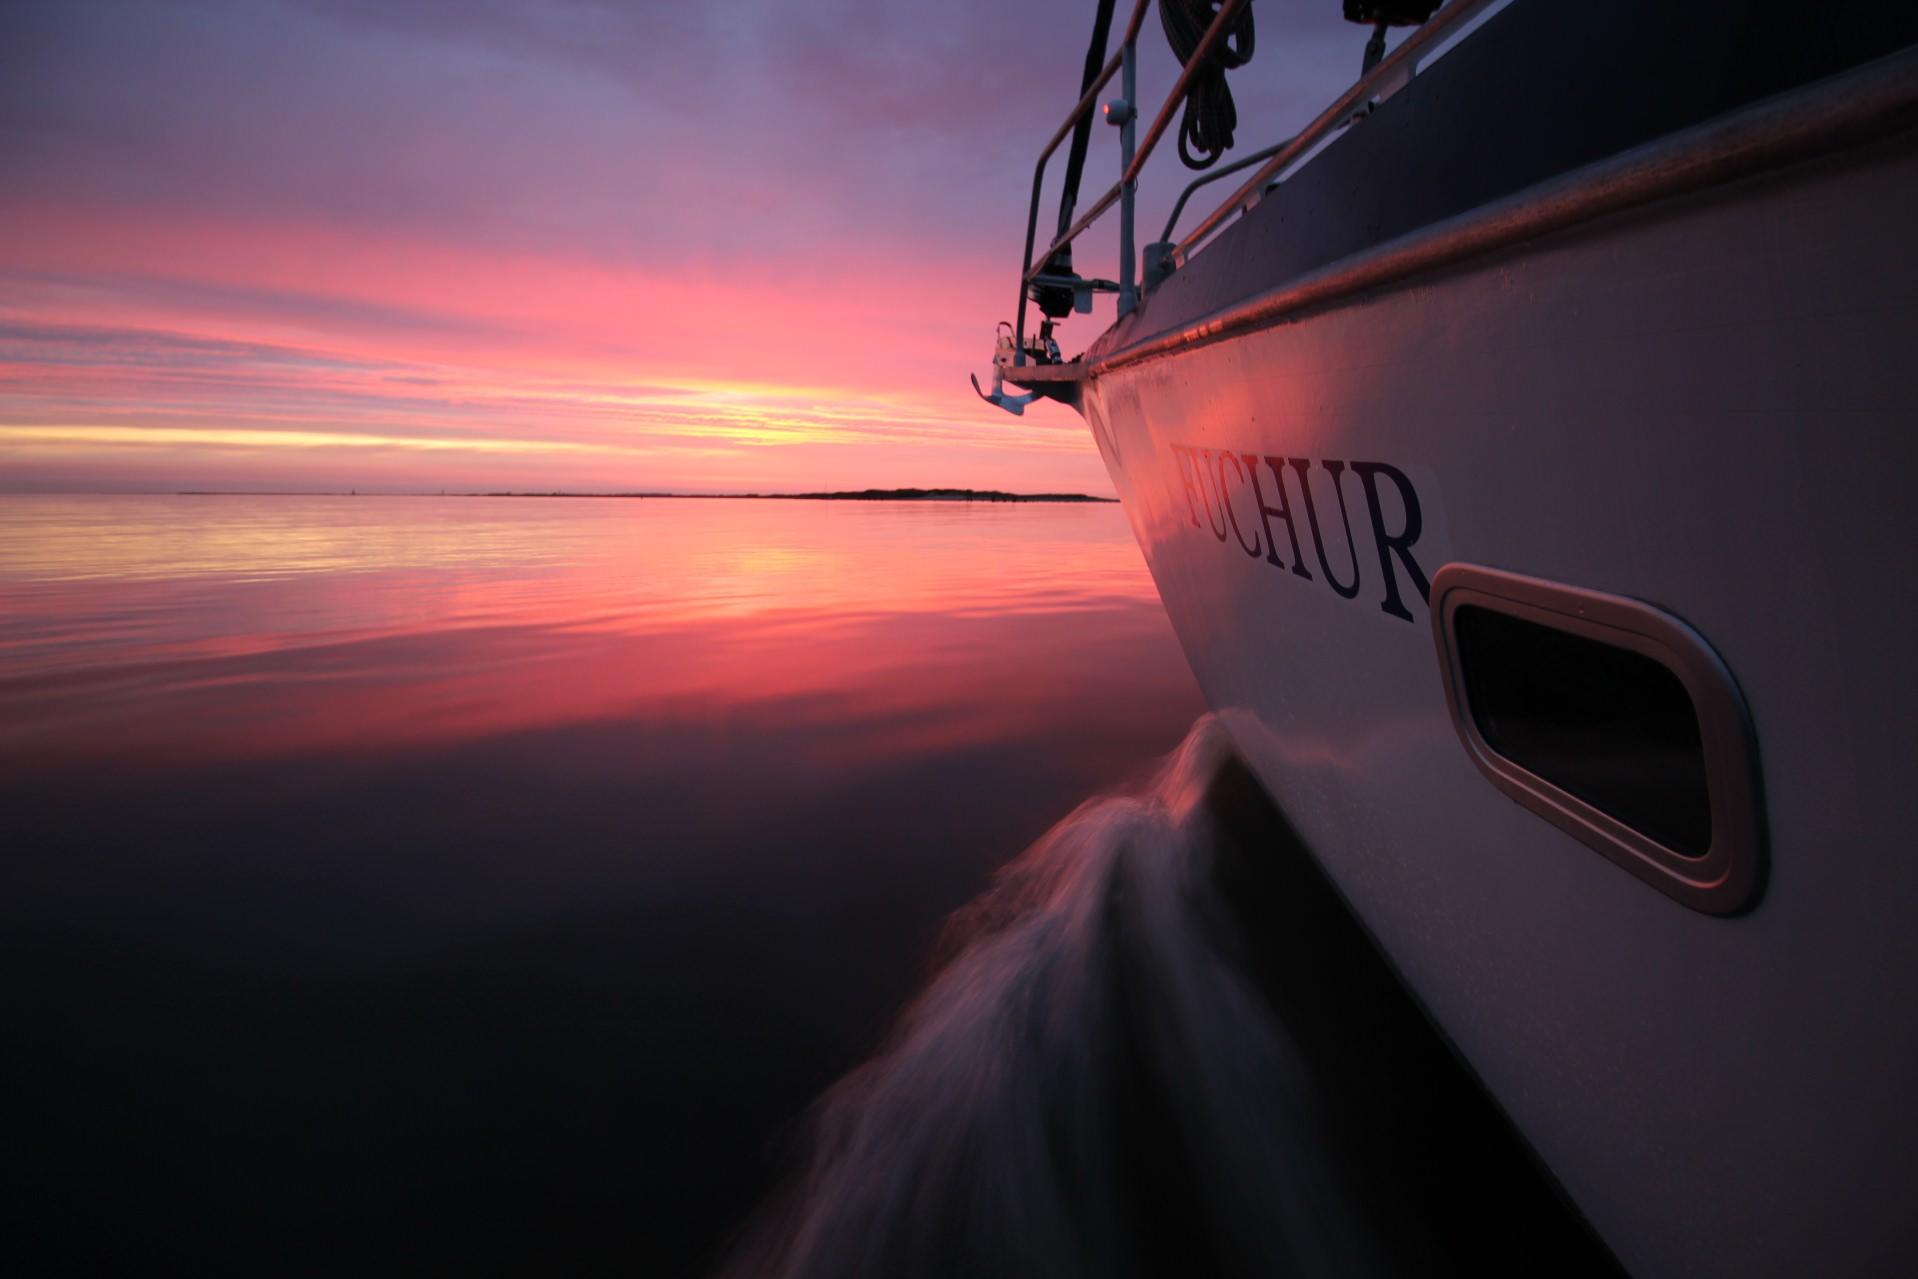 Das Segelschiff Fuchur segelt dem Sonnenuntergang entgegen